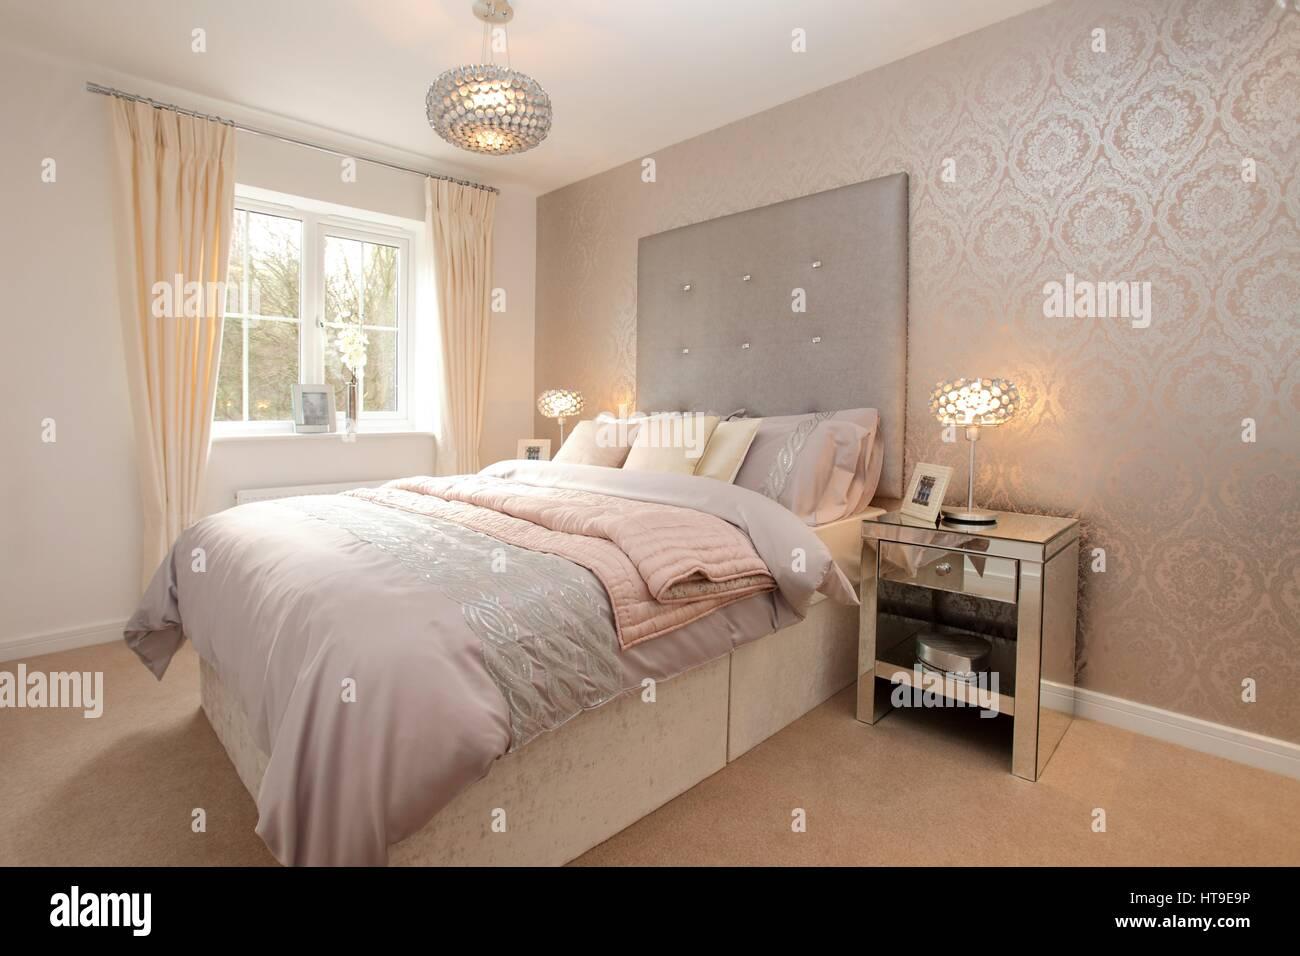 Chambre Gris Blanc Rose home intérieur, chambre, lumineux, blanc argent, rose crème